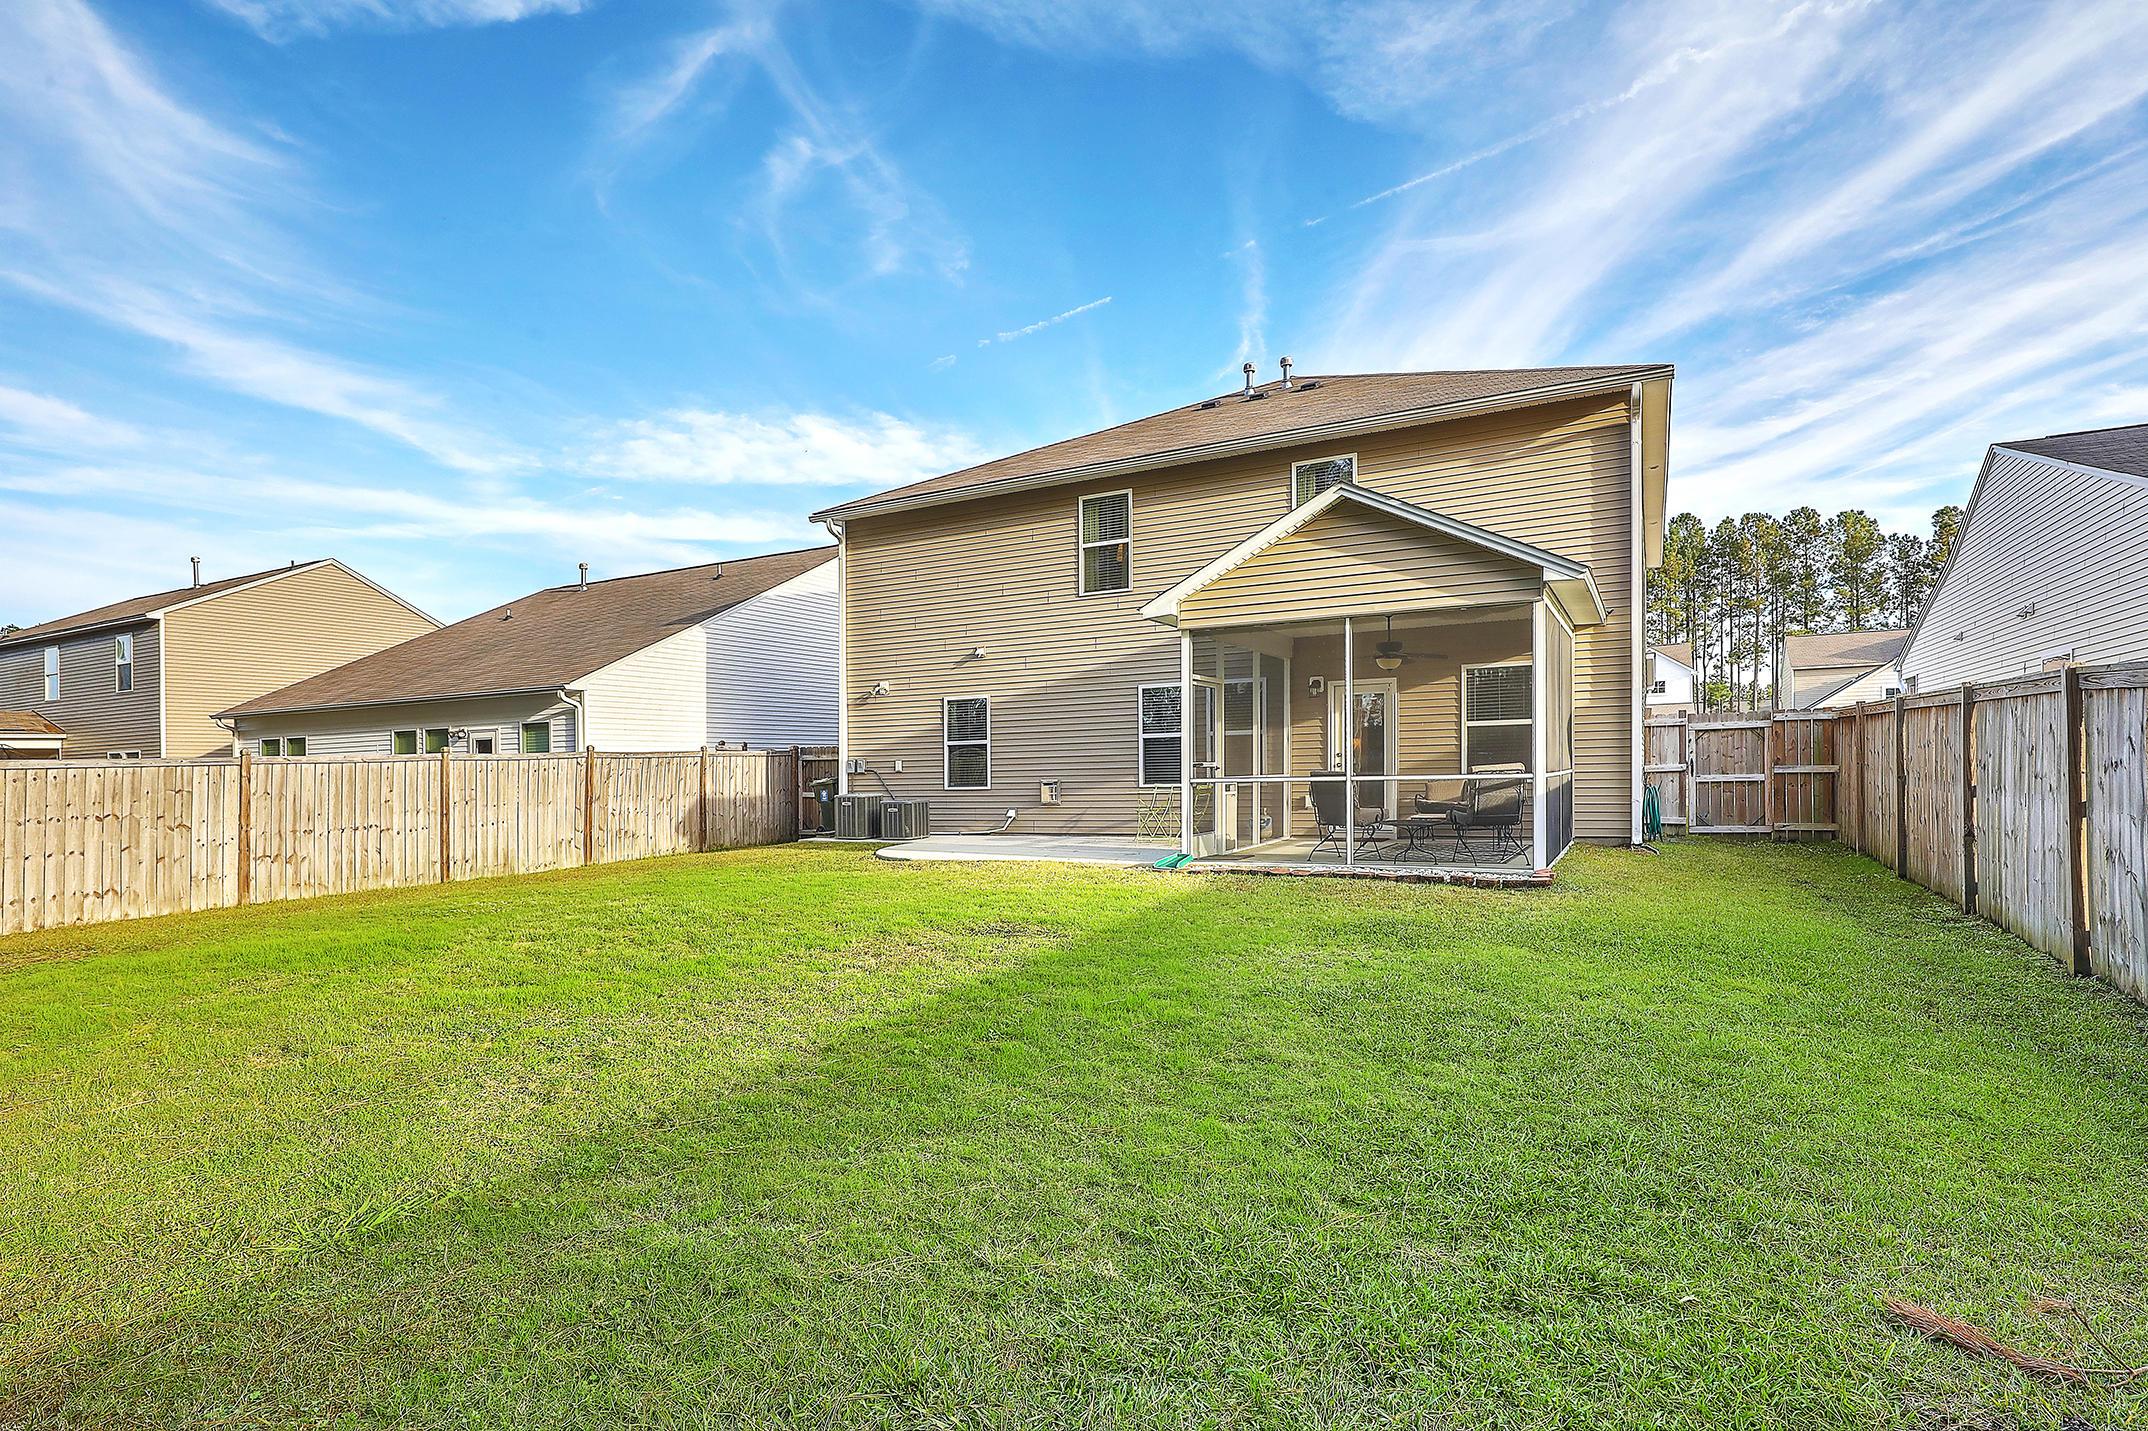 128 Beacon Falls Court Summerville, Sc 29486